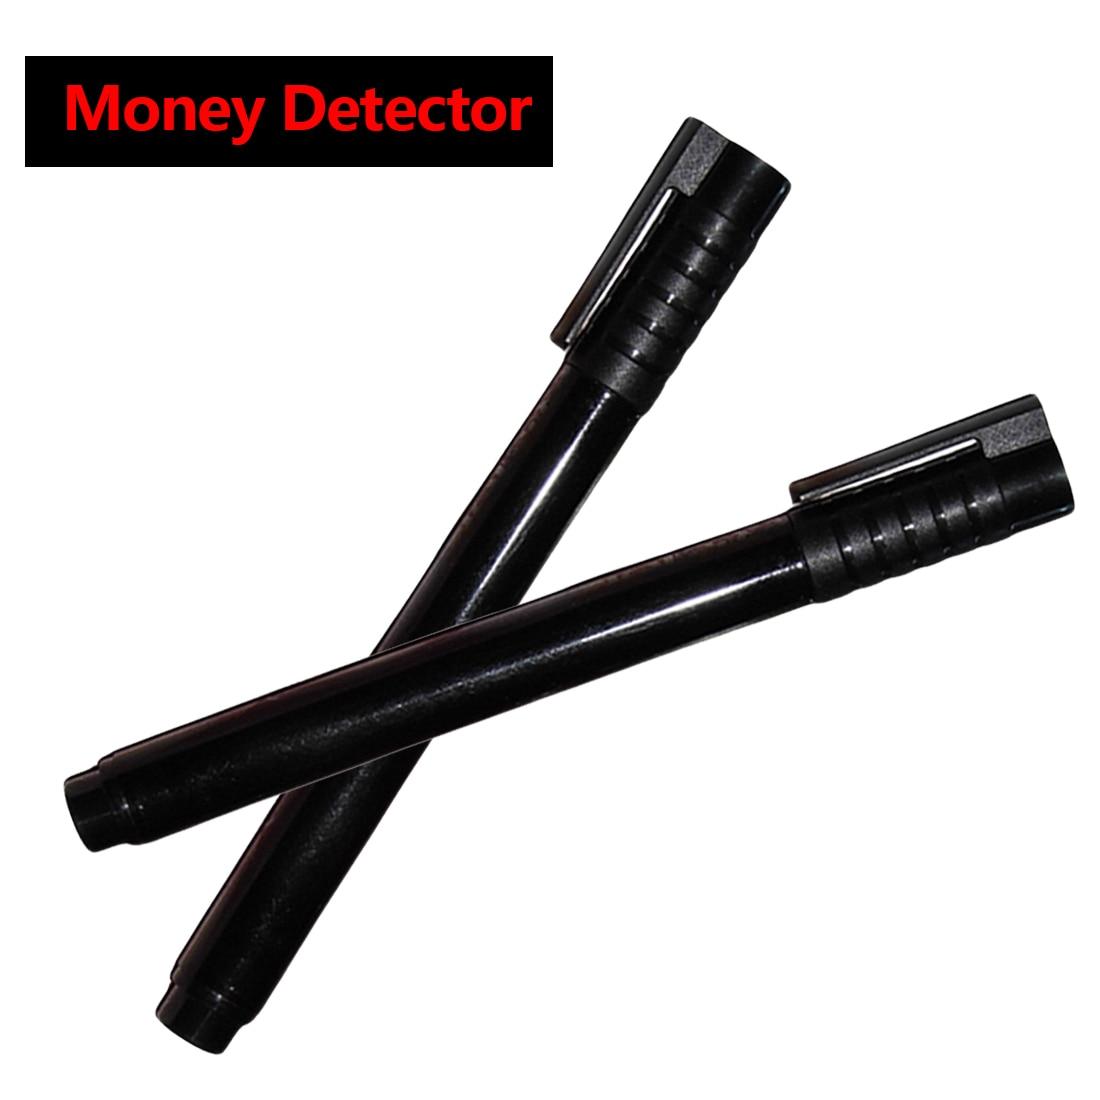 Проверка денег детектор валюты 2 шт./компл. поддельный маркер поддельный тестер банкнот ручка чернила ручные инструменты для проверки